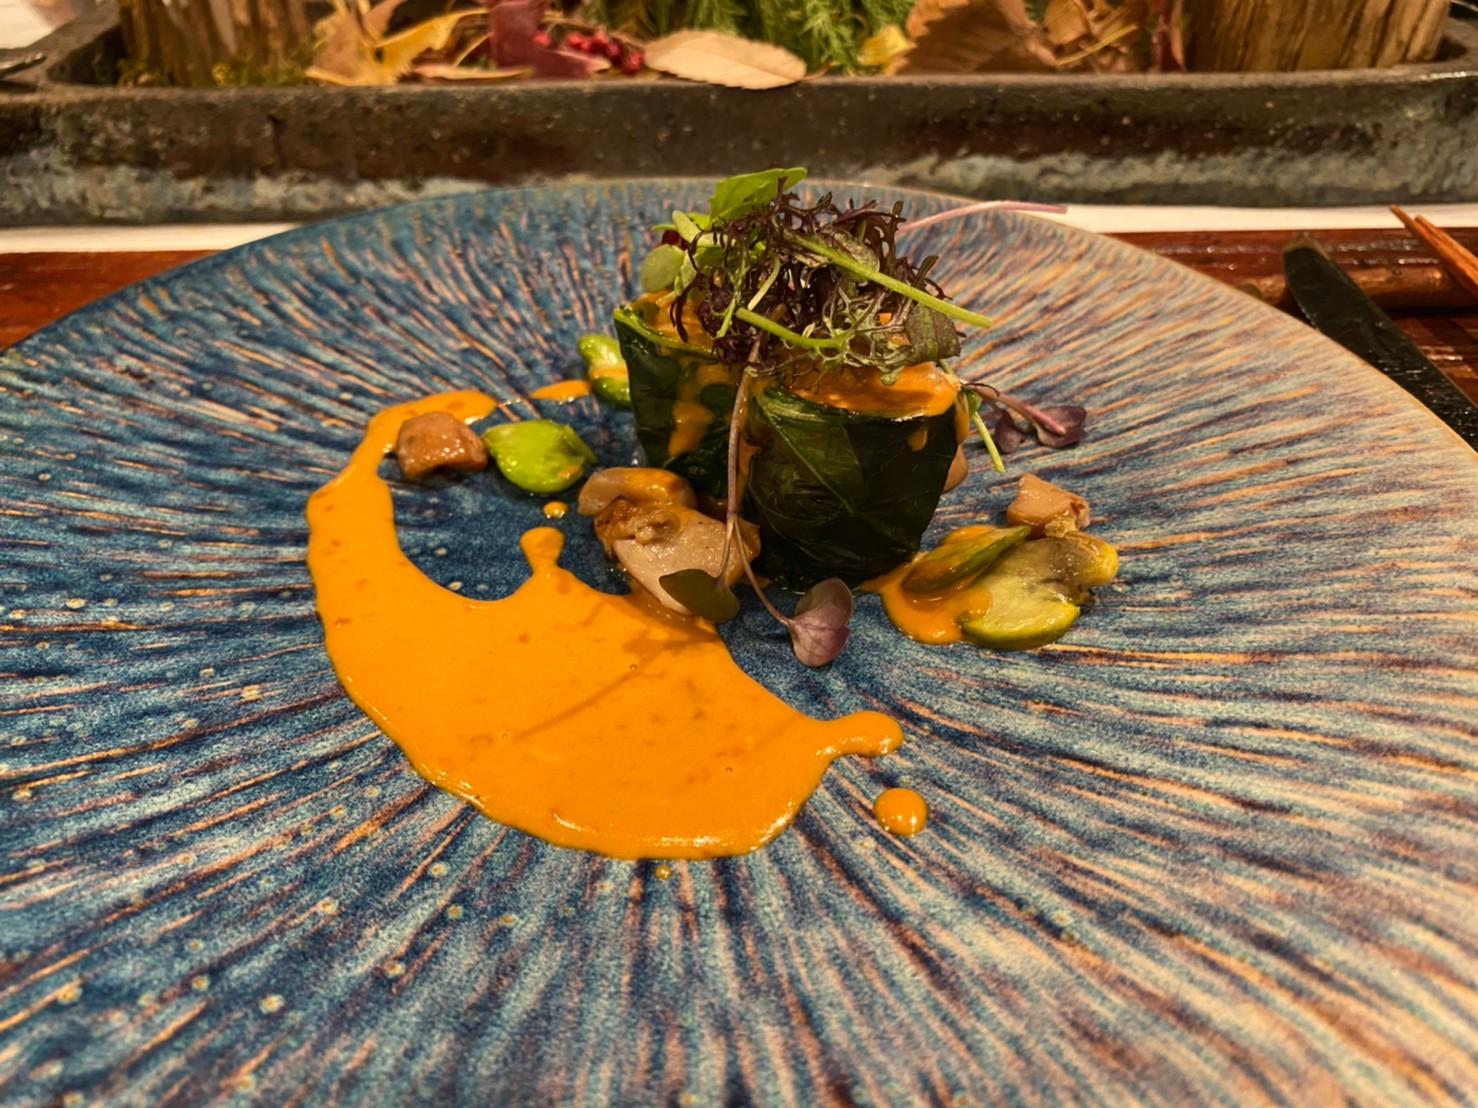 東別院|記念日にもオススメ◎日本人にも食べやすい!素材の美味しさが生きるナチュラルフレンチ